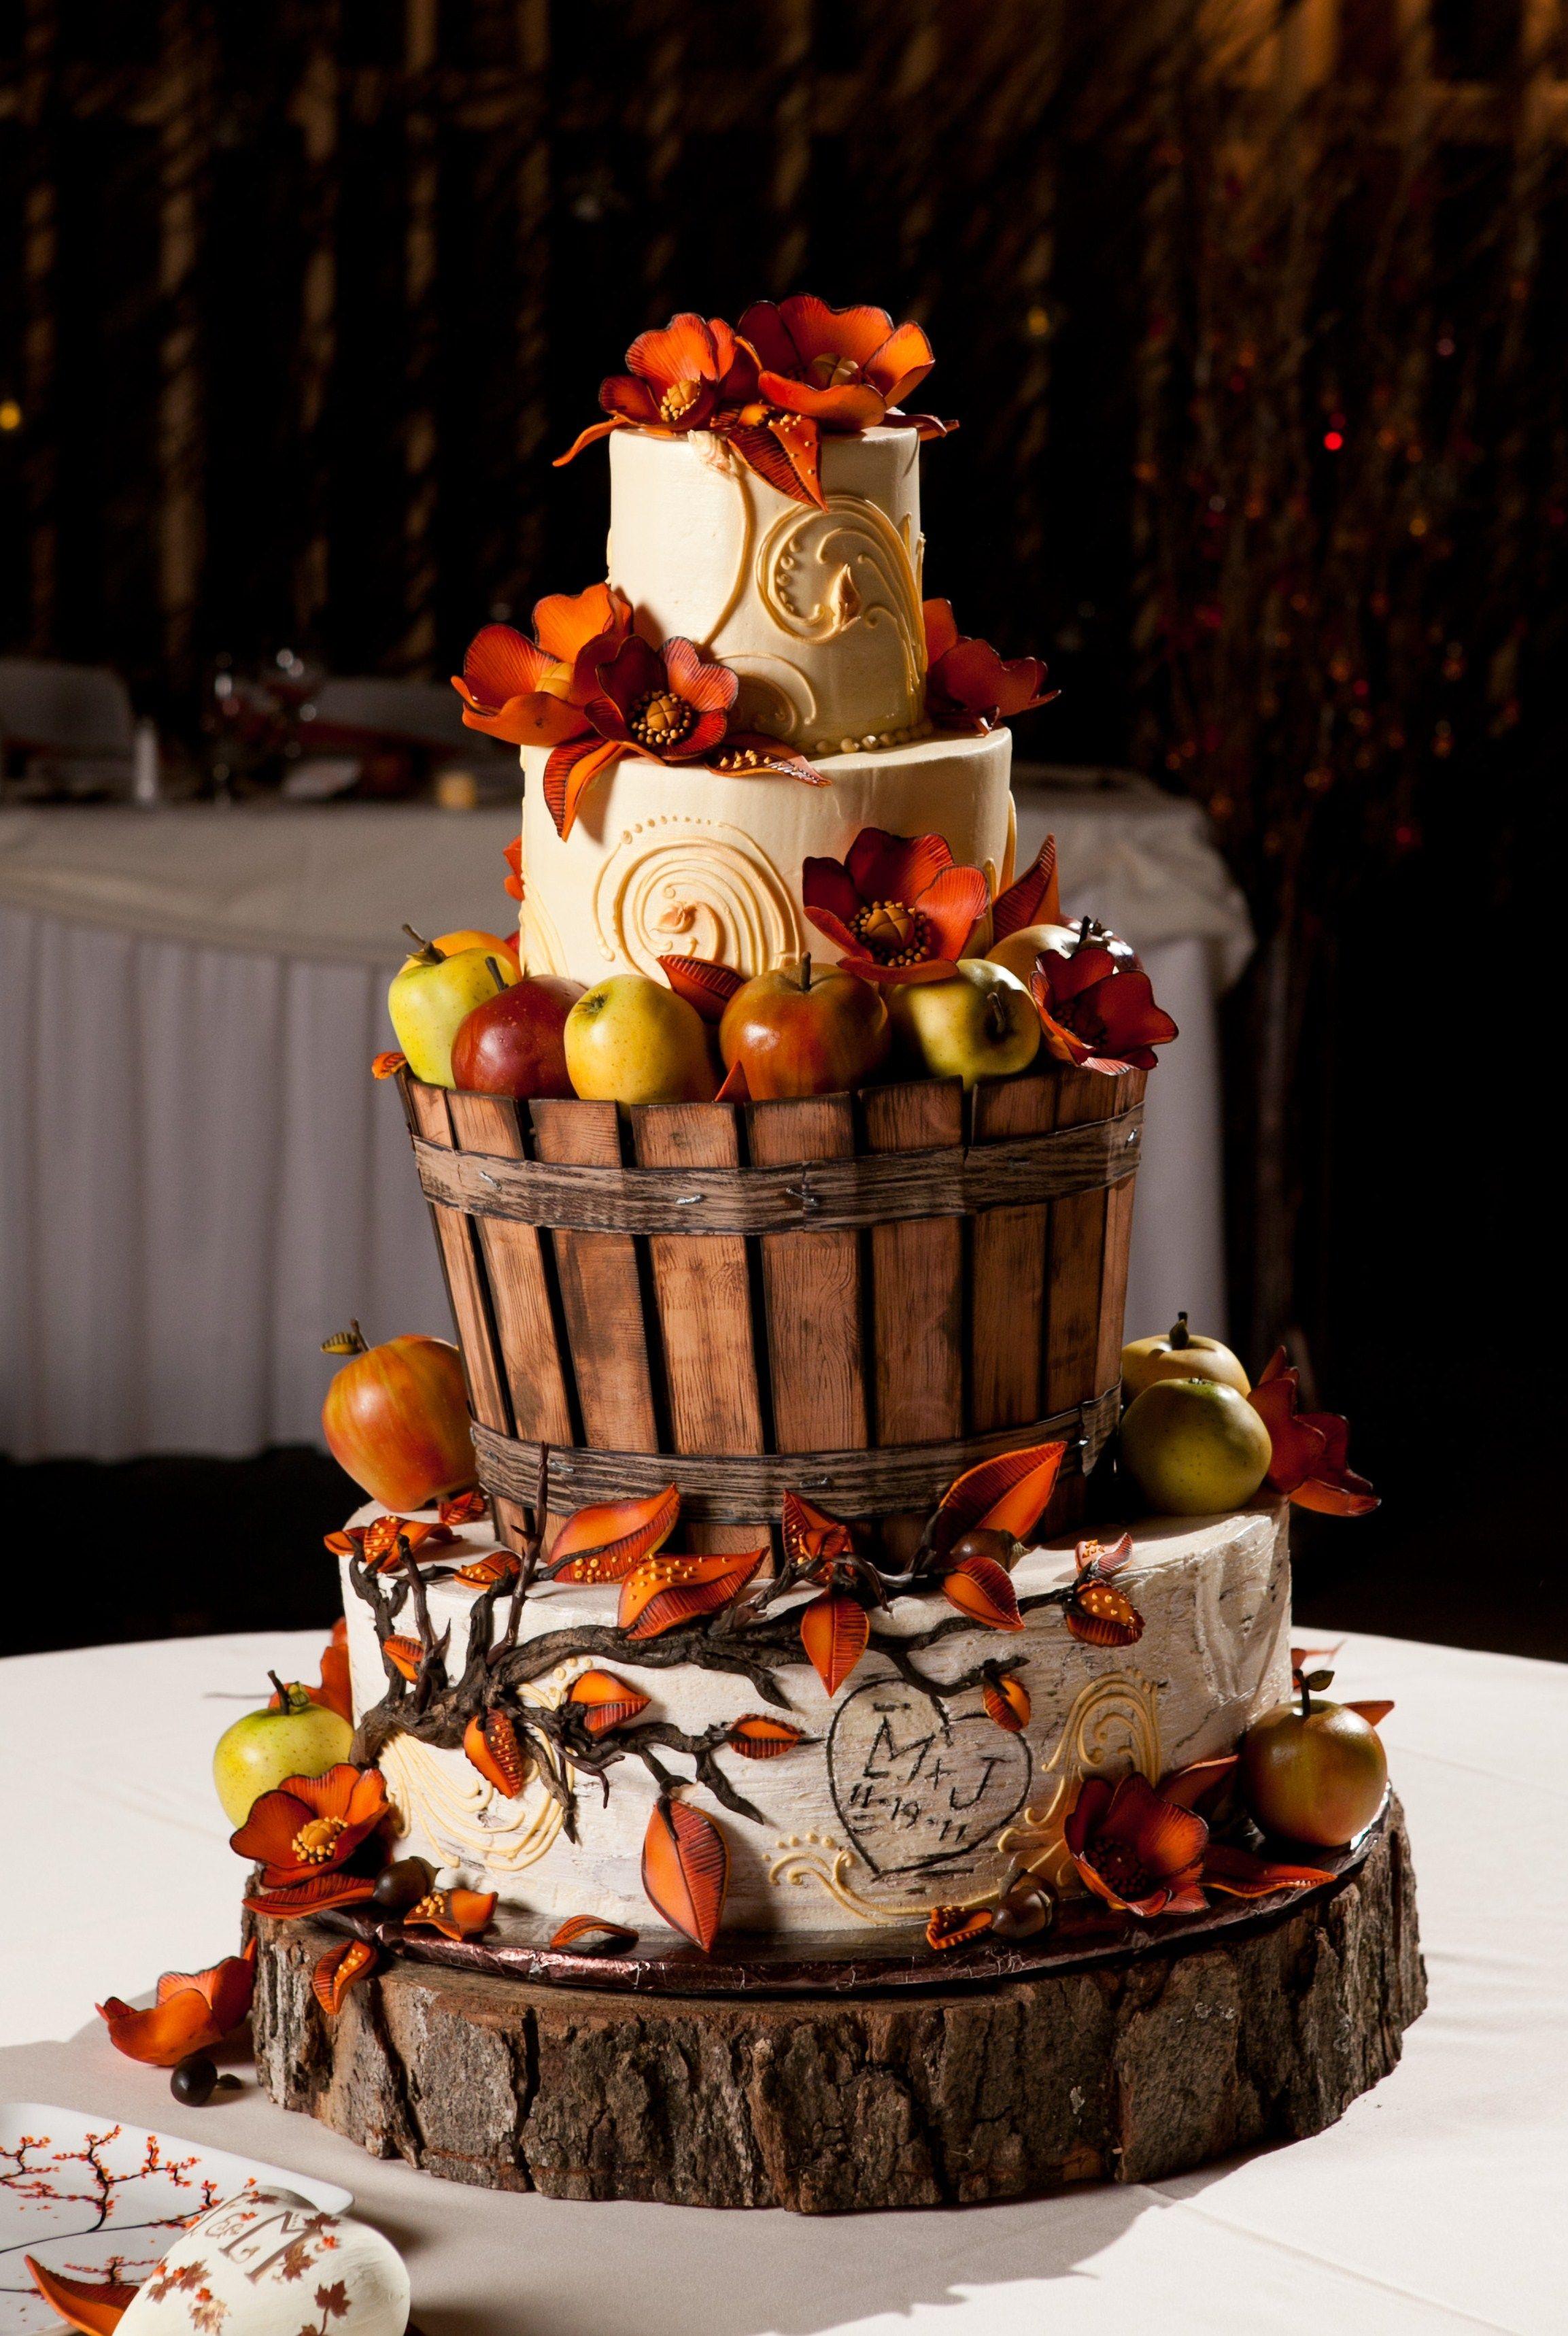 Wedding cakes by Designer Desserts! www